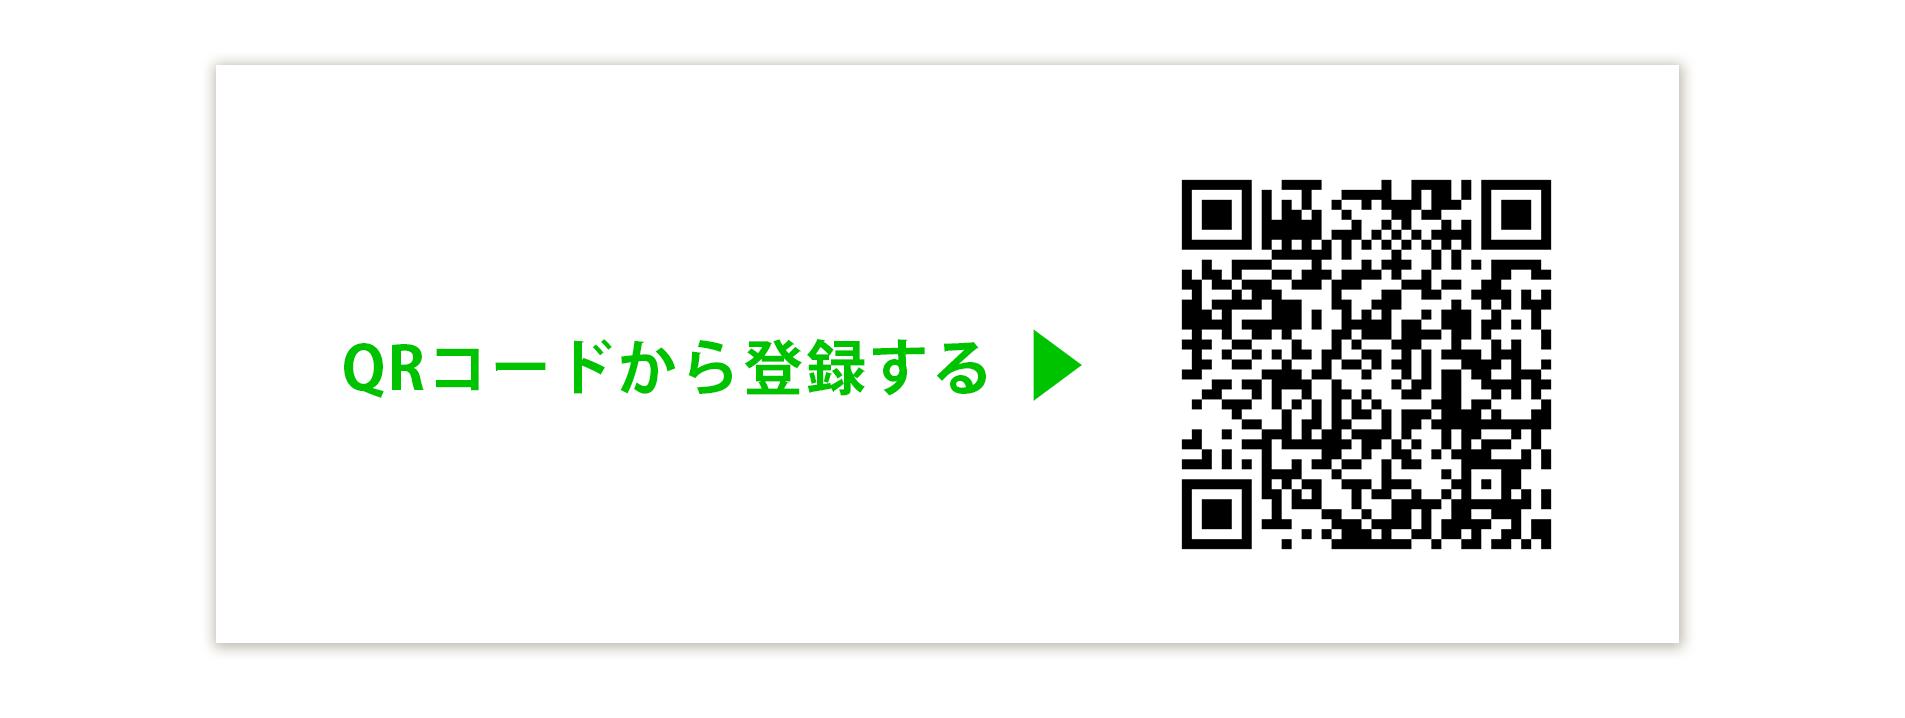 yokoikegami_thanks_12